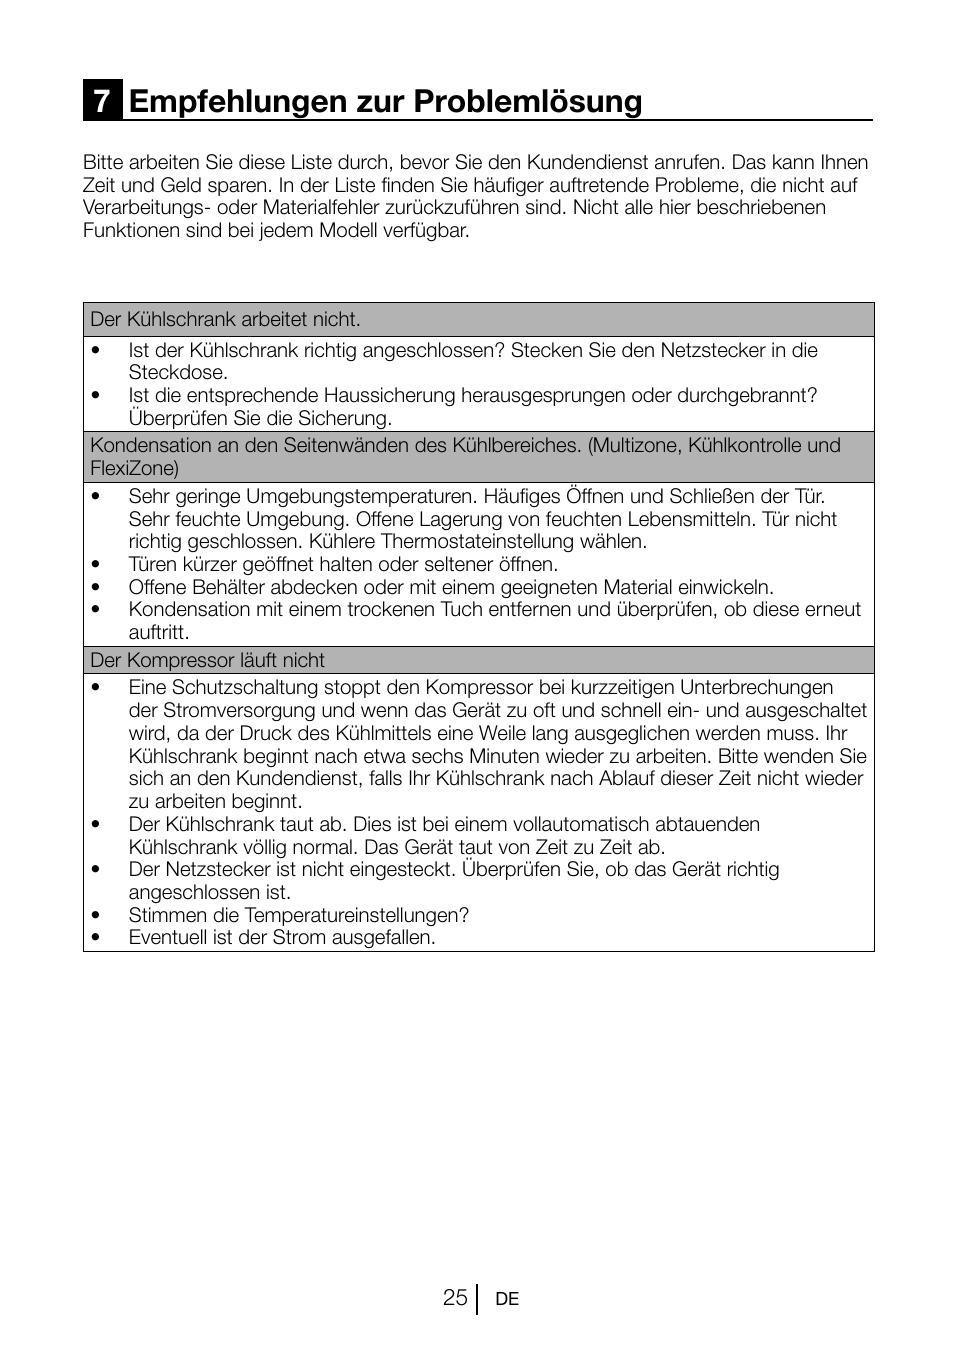 7empfehlungen zur problemlösung | Beko GNE V222 S User Manual | Page ...